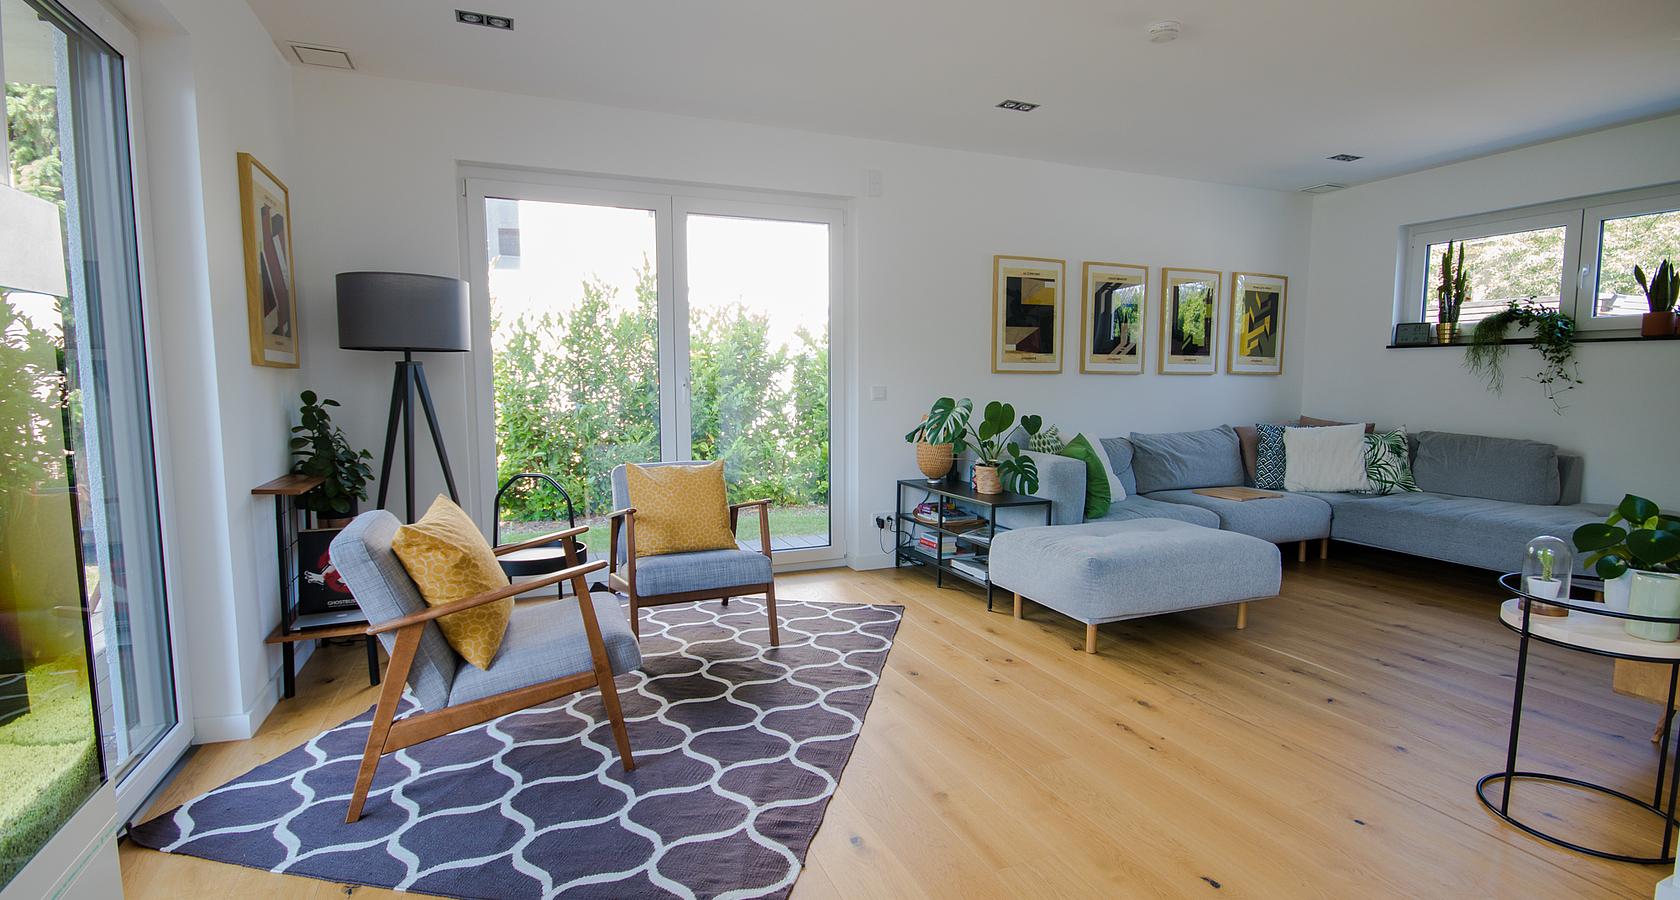 kern haus mit wow effekt und viel offenem lebensraum. Black Bedroom Furniture Sets. Home Design Ideas